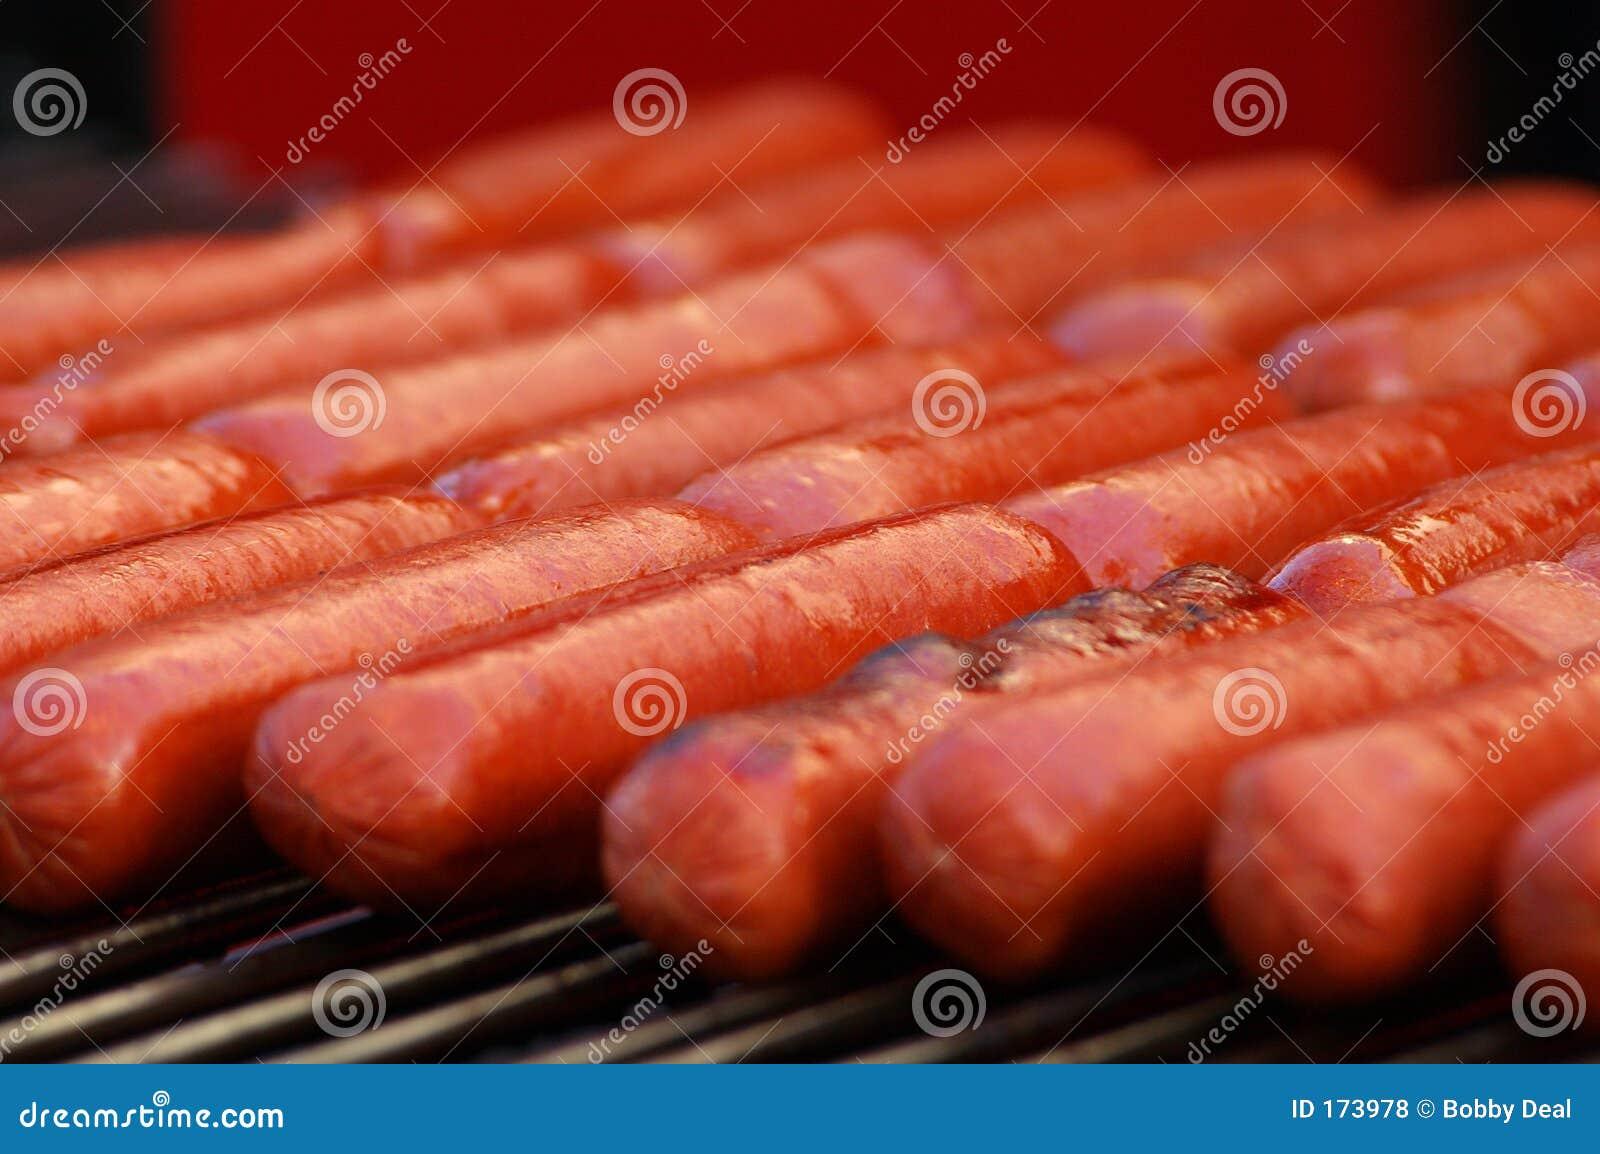 Hot dogs Closeup